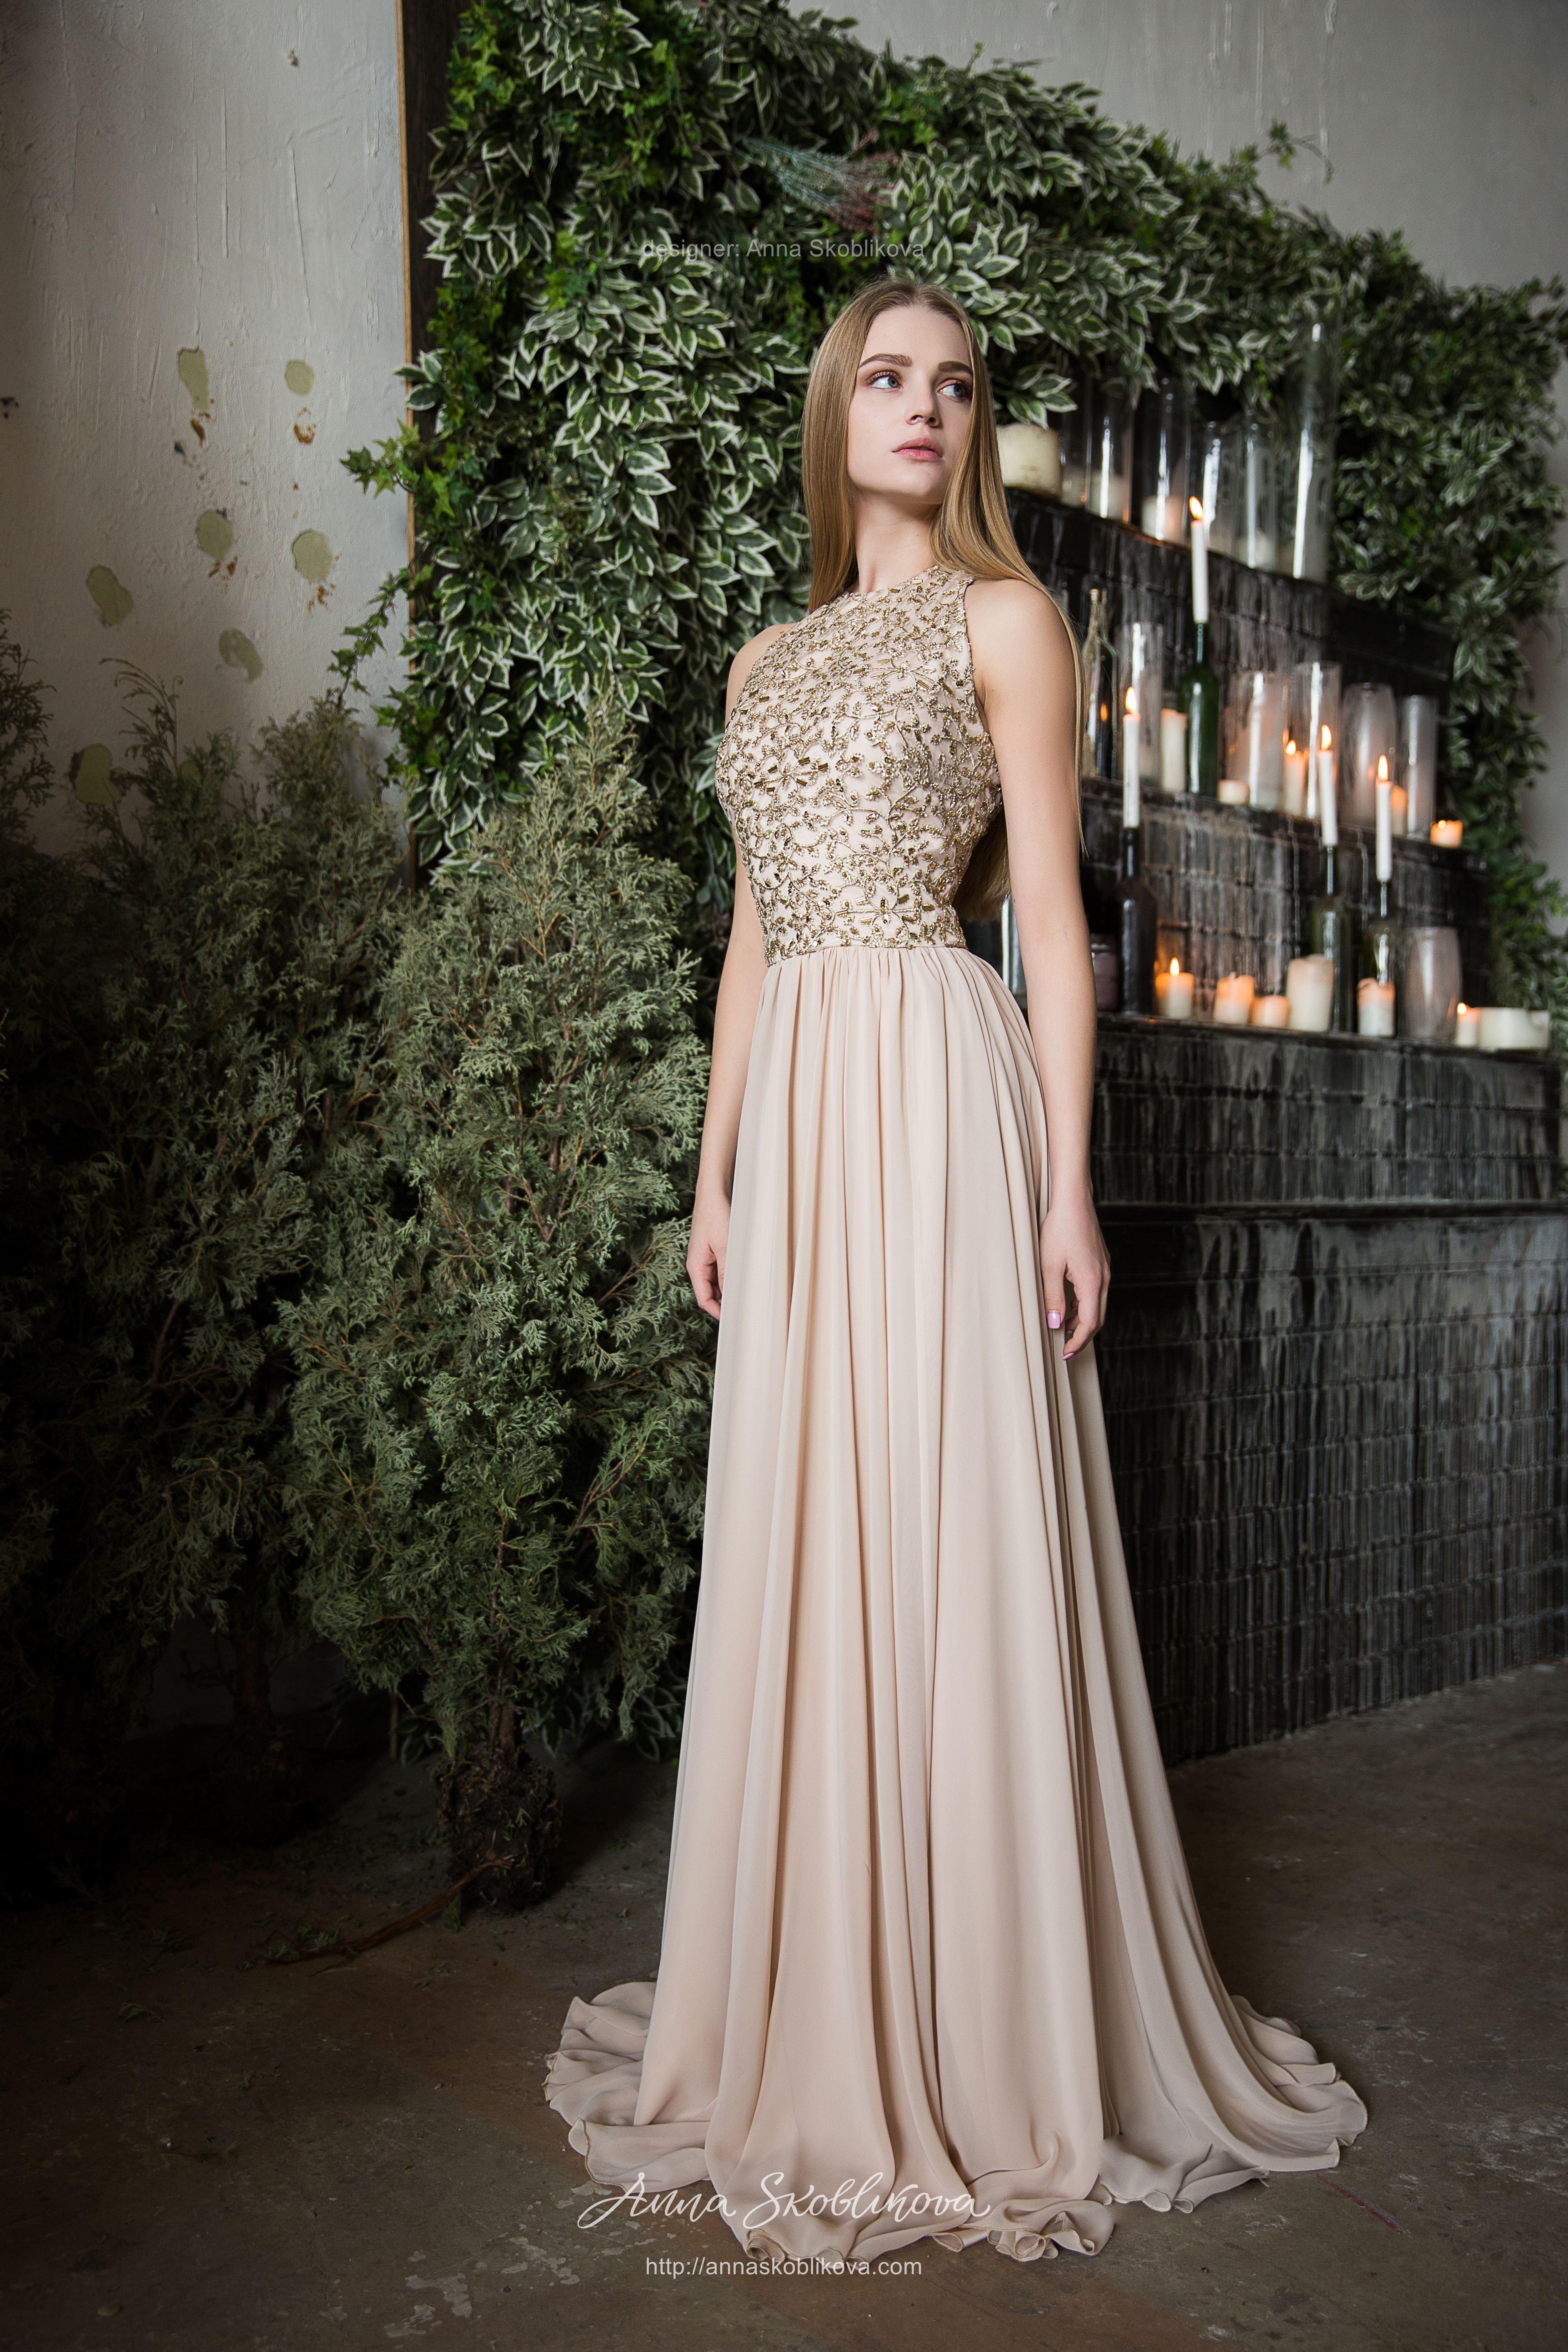 eb847915a71acf4 Вечернее платье бежево-золотого цвета | Anna Skoblikova - Свадебные ...